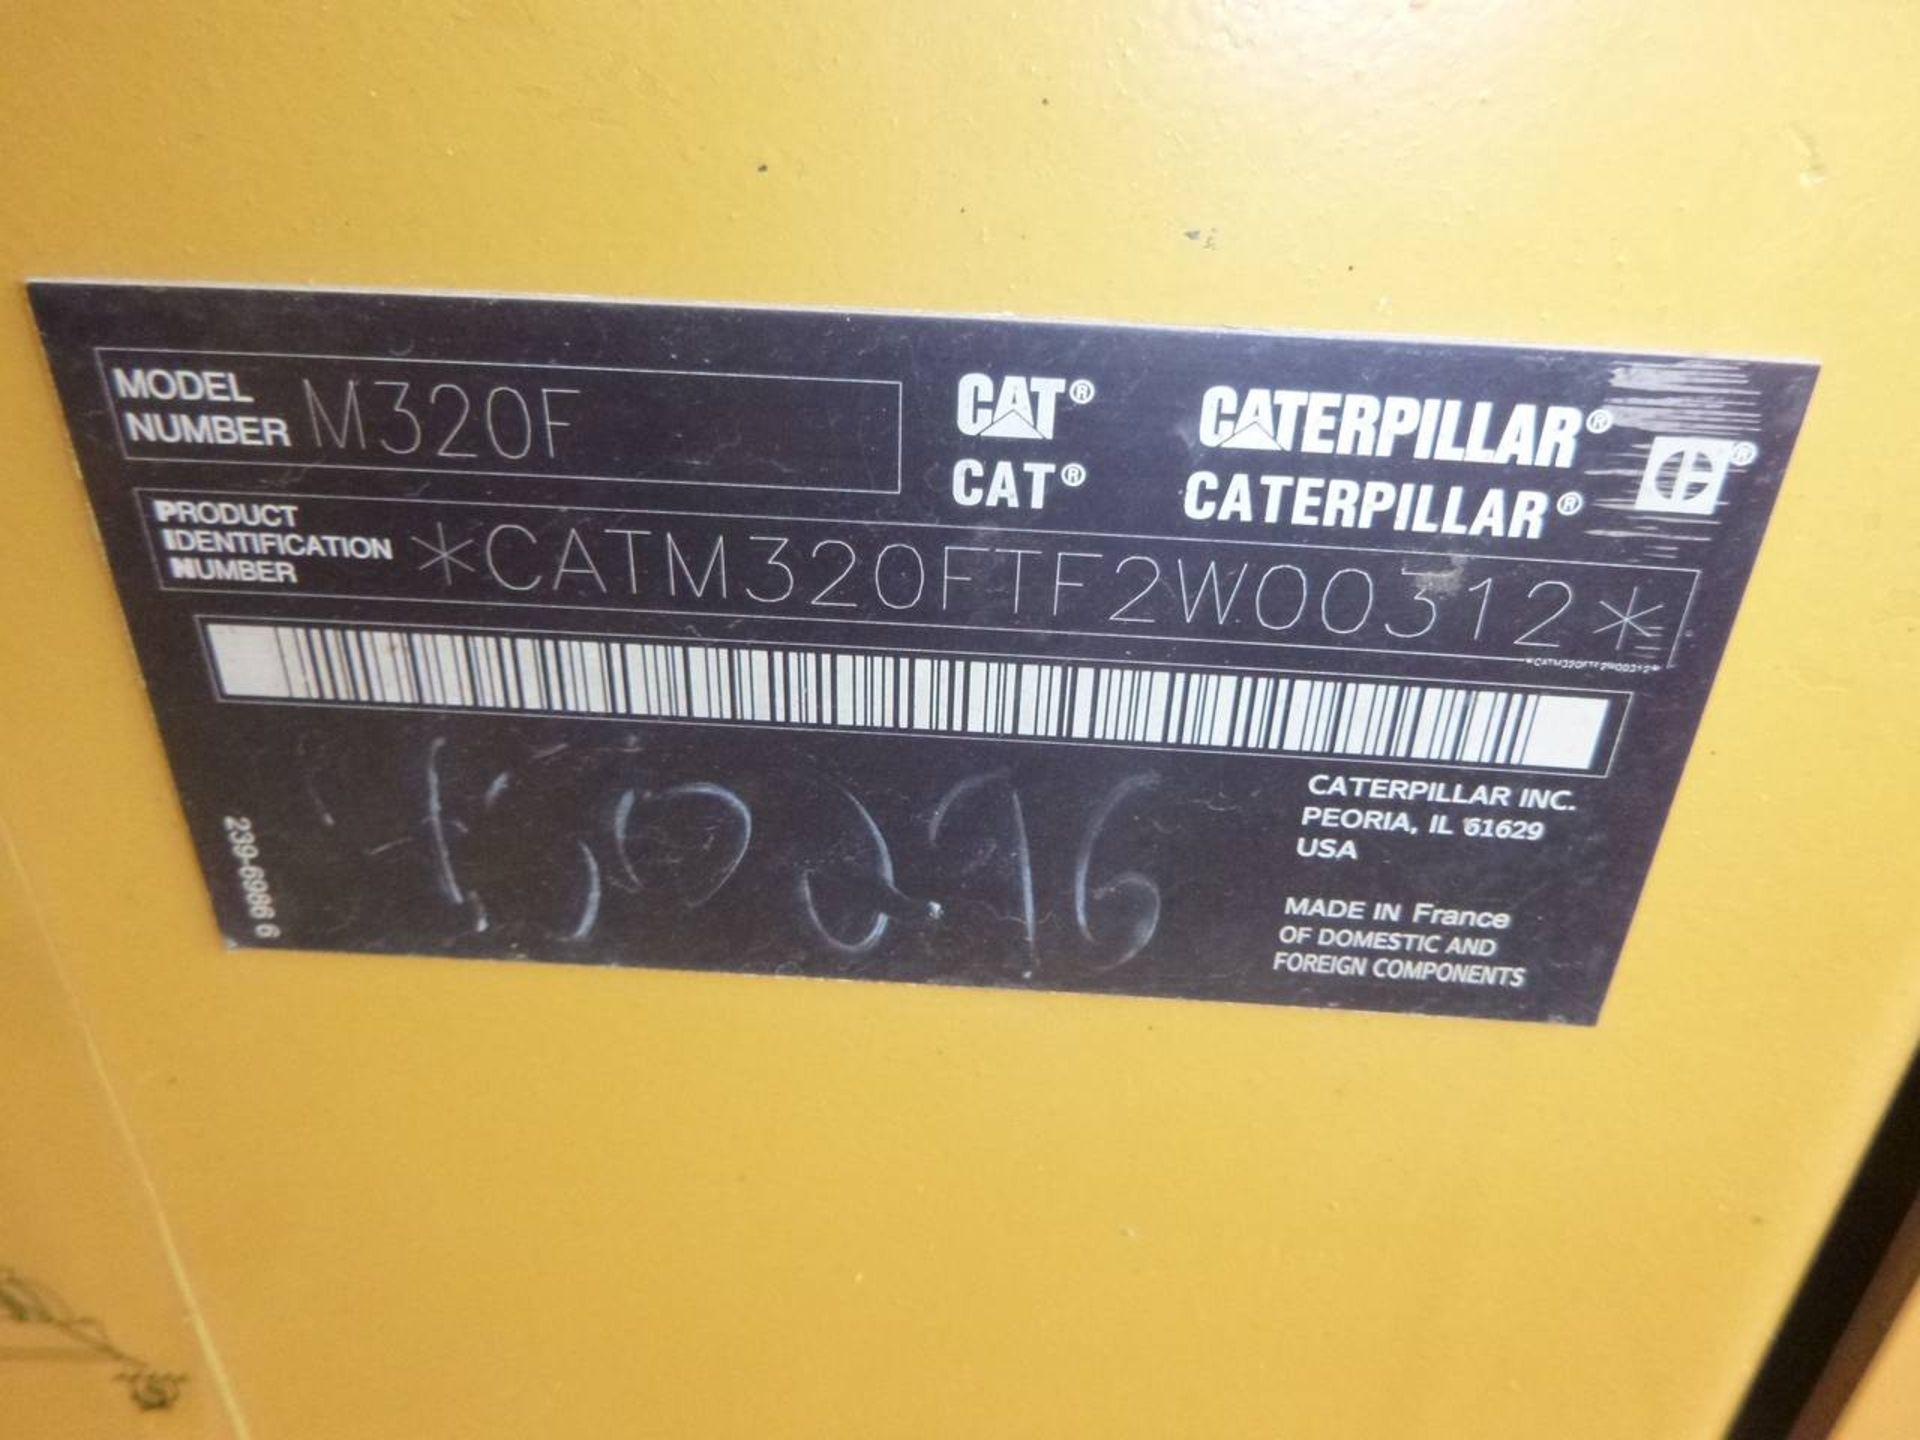 2015 Caterpillar M320F Wheel Excavator - Image 10 of 18